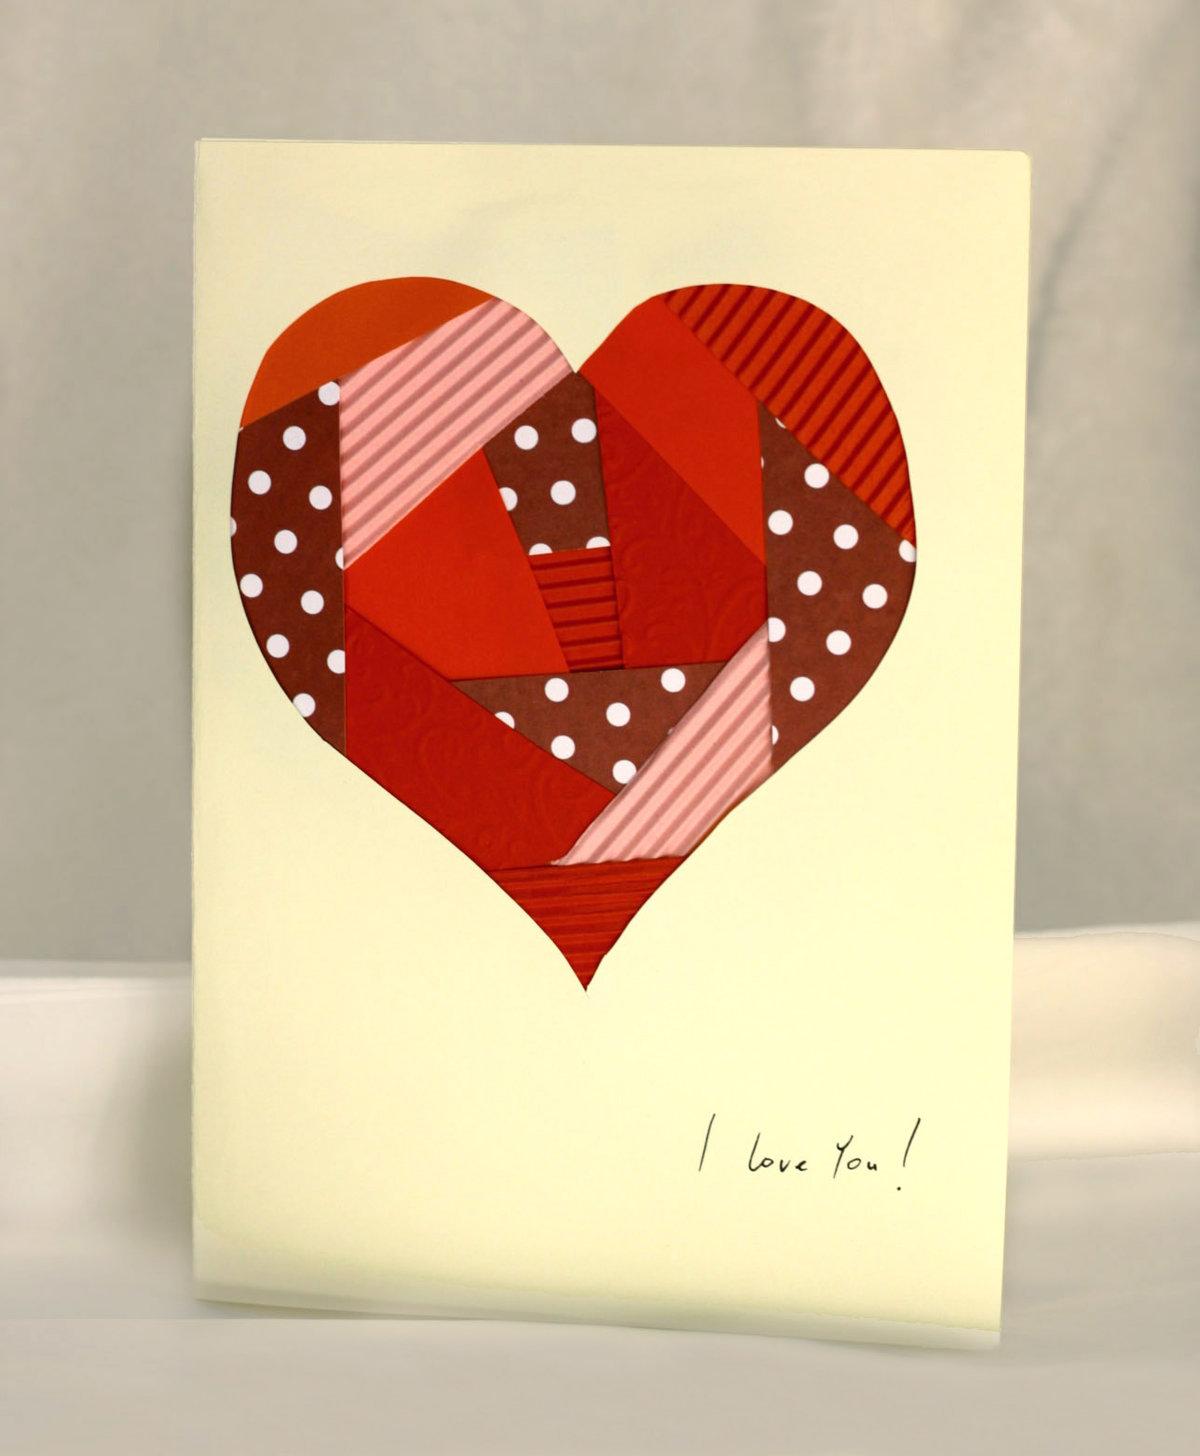 Как сделать валентинку открытку своими руками, марок